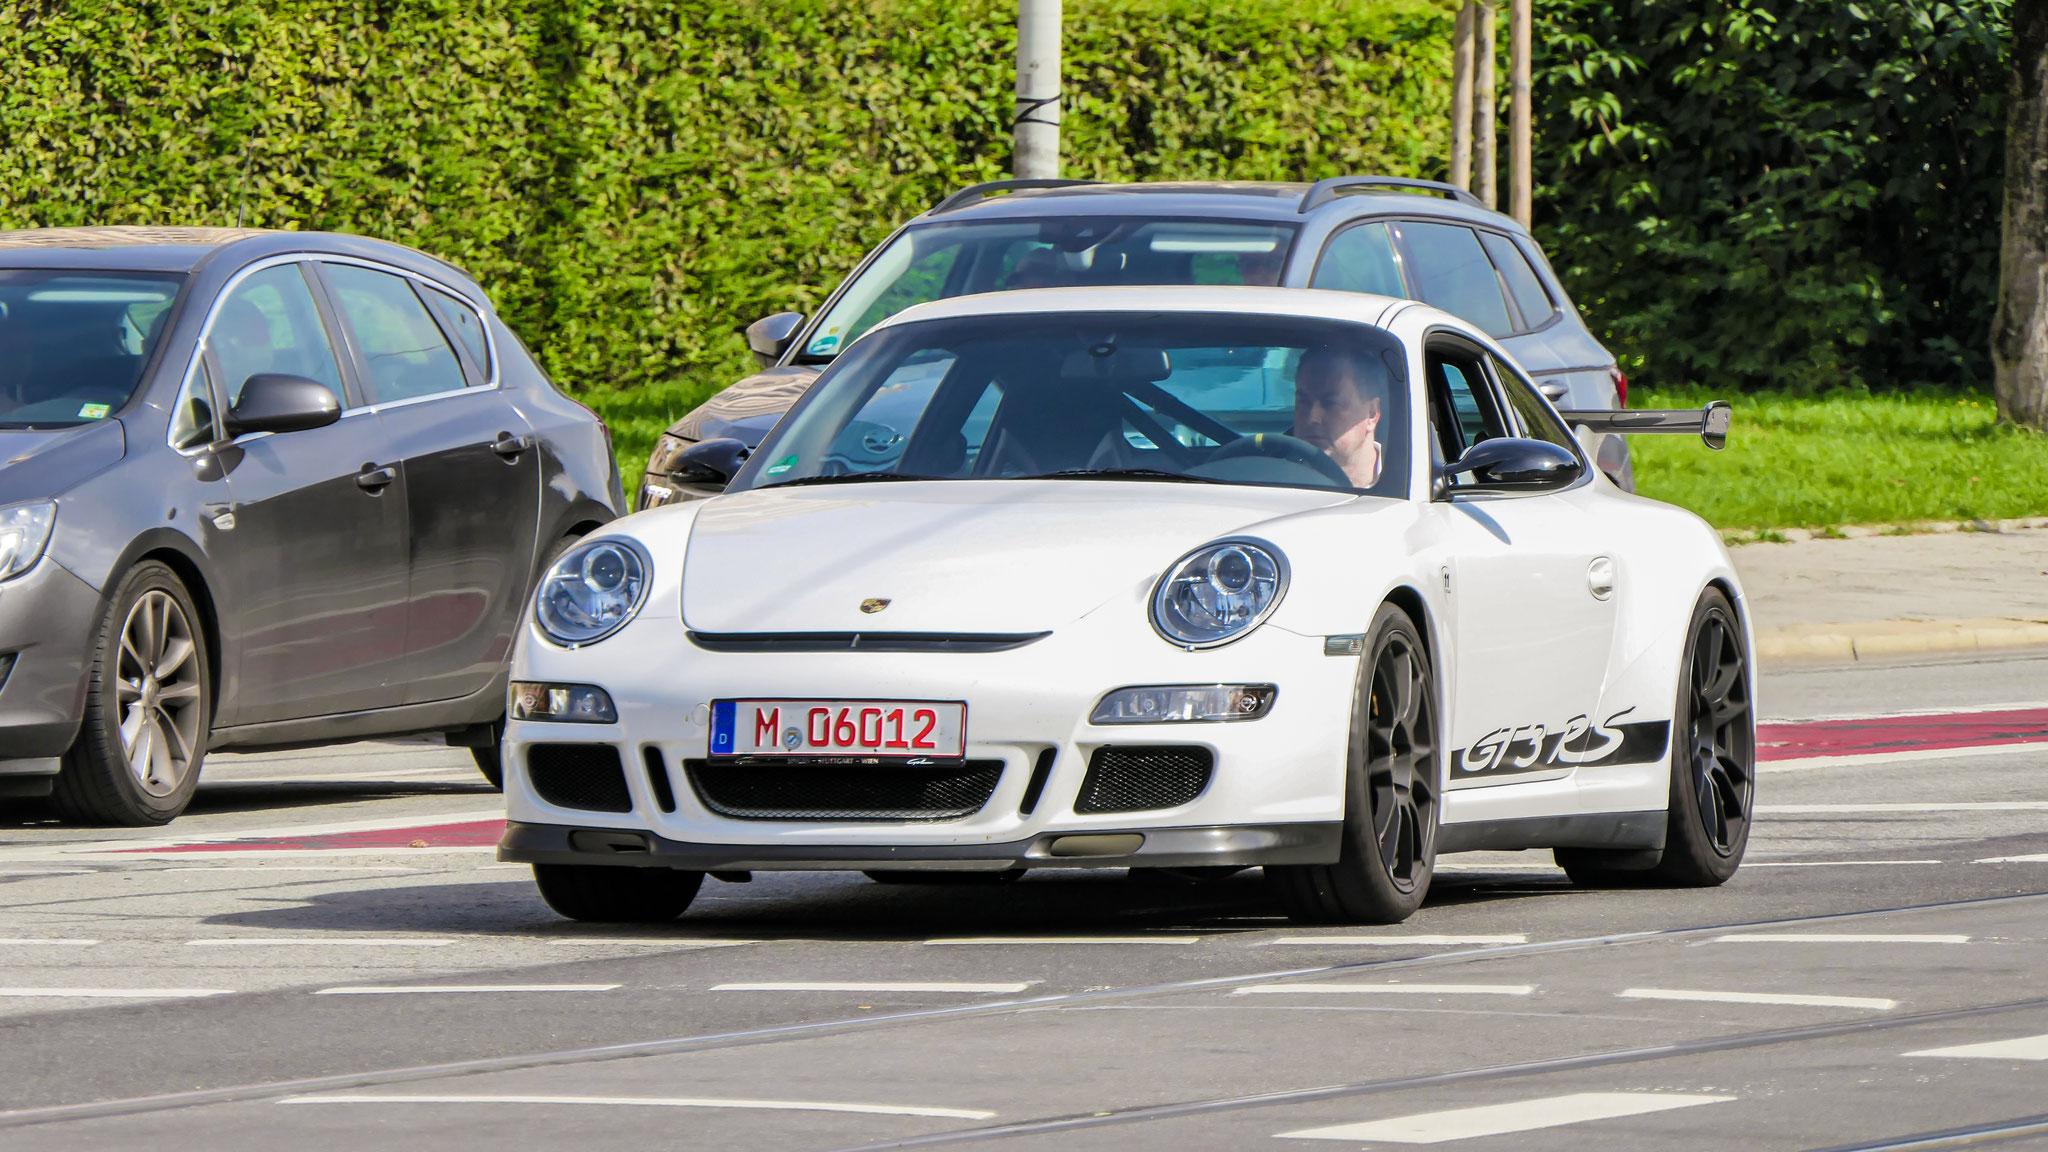 Porsche 911 GT3 RS - M-06012